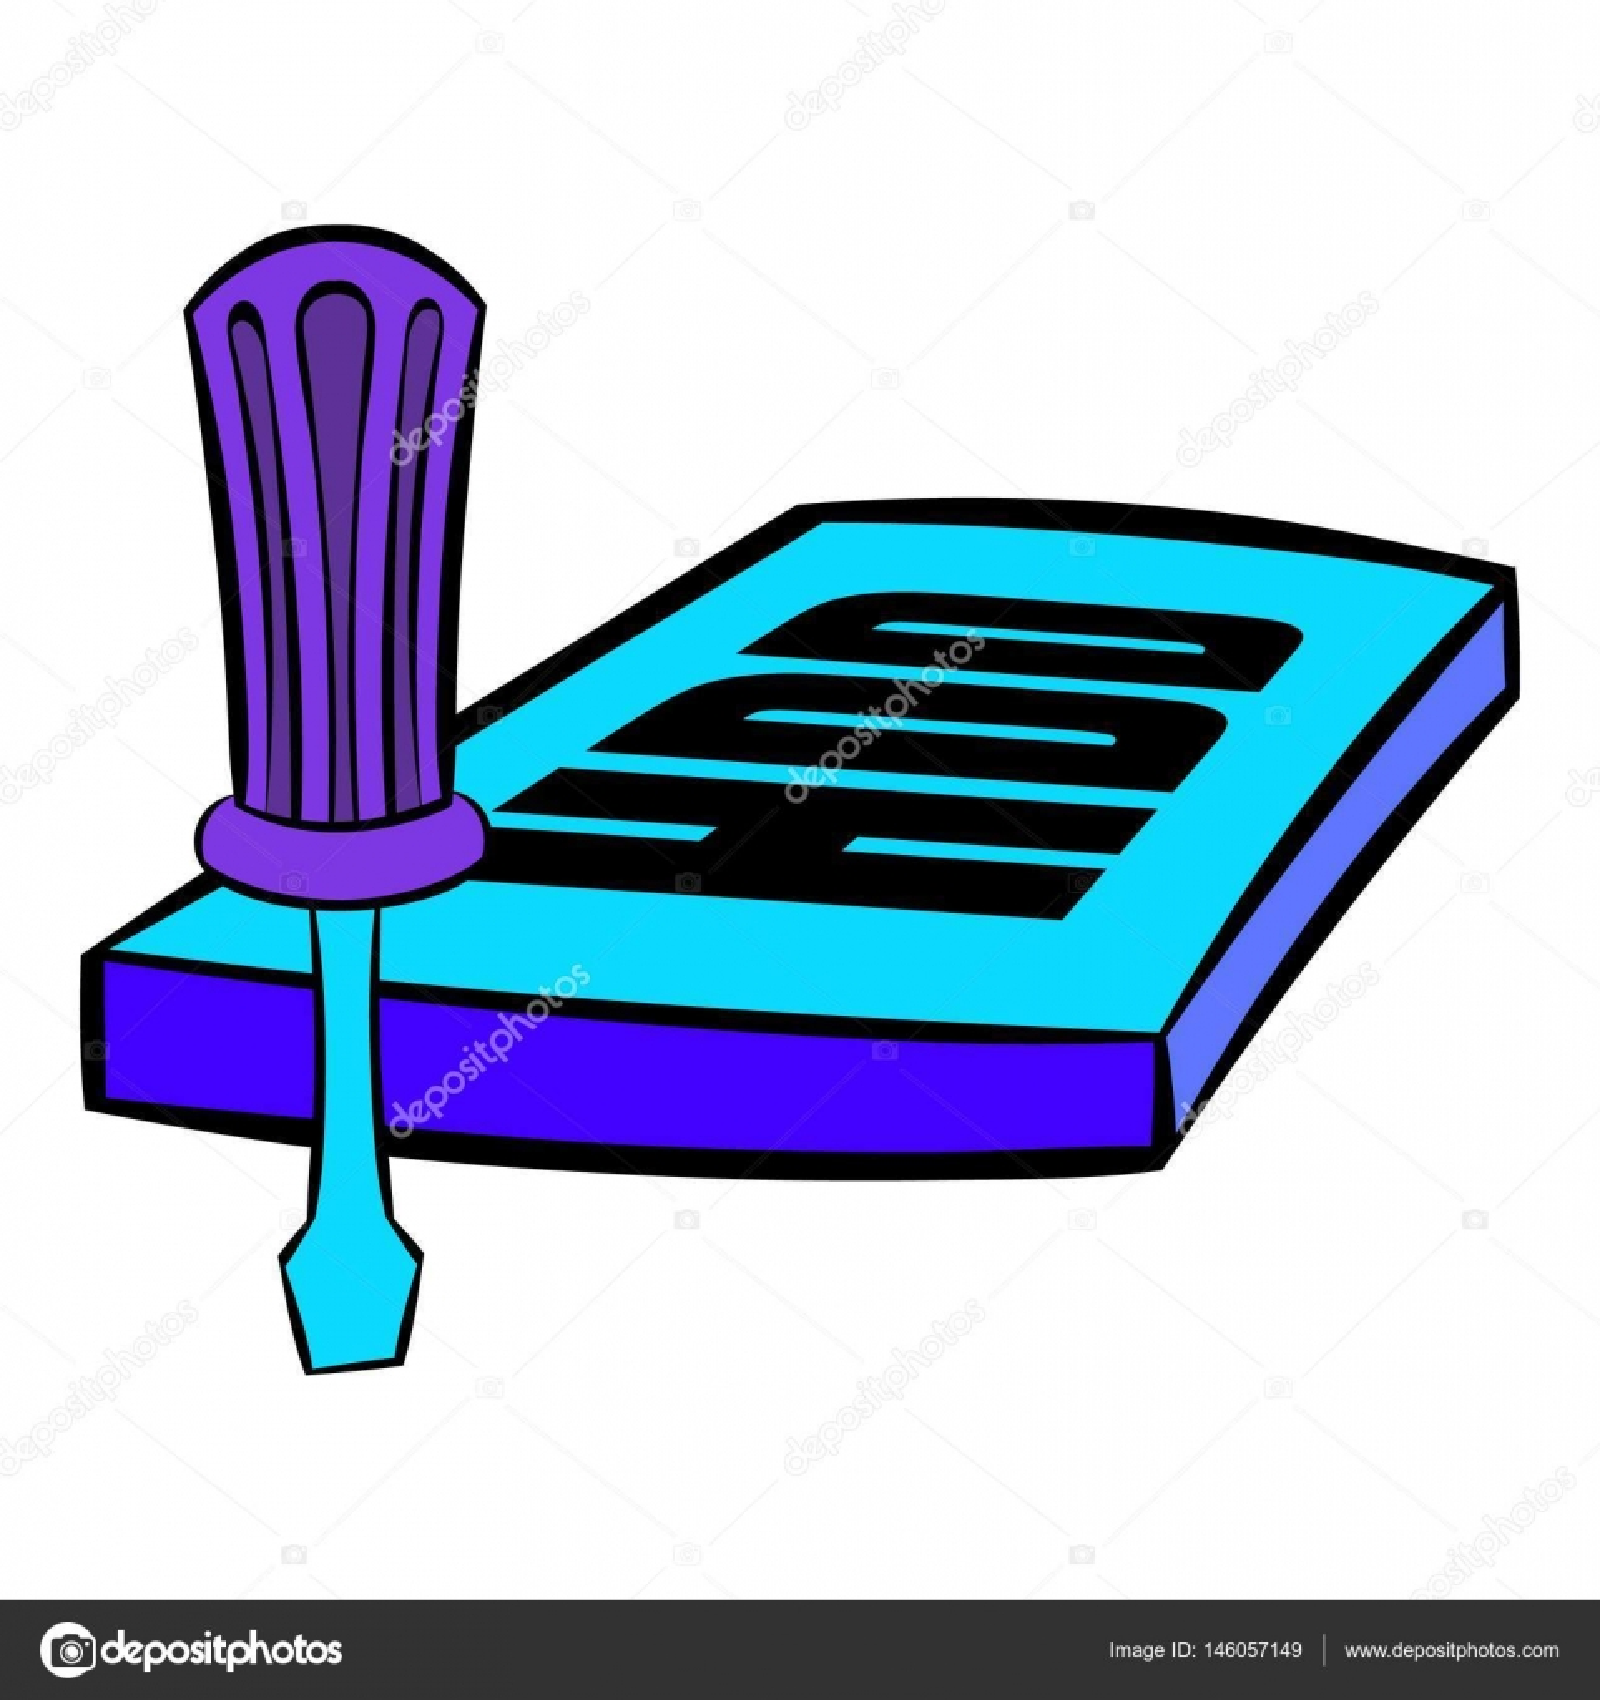 卡通风格分离向量插图中的螺丝刀和硬盘图标 — 图库矢量图片